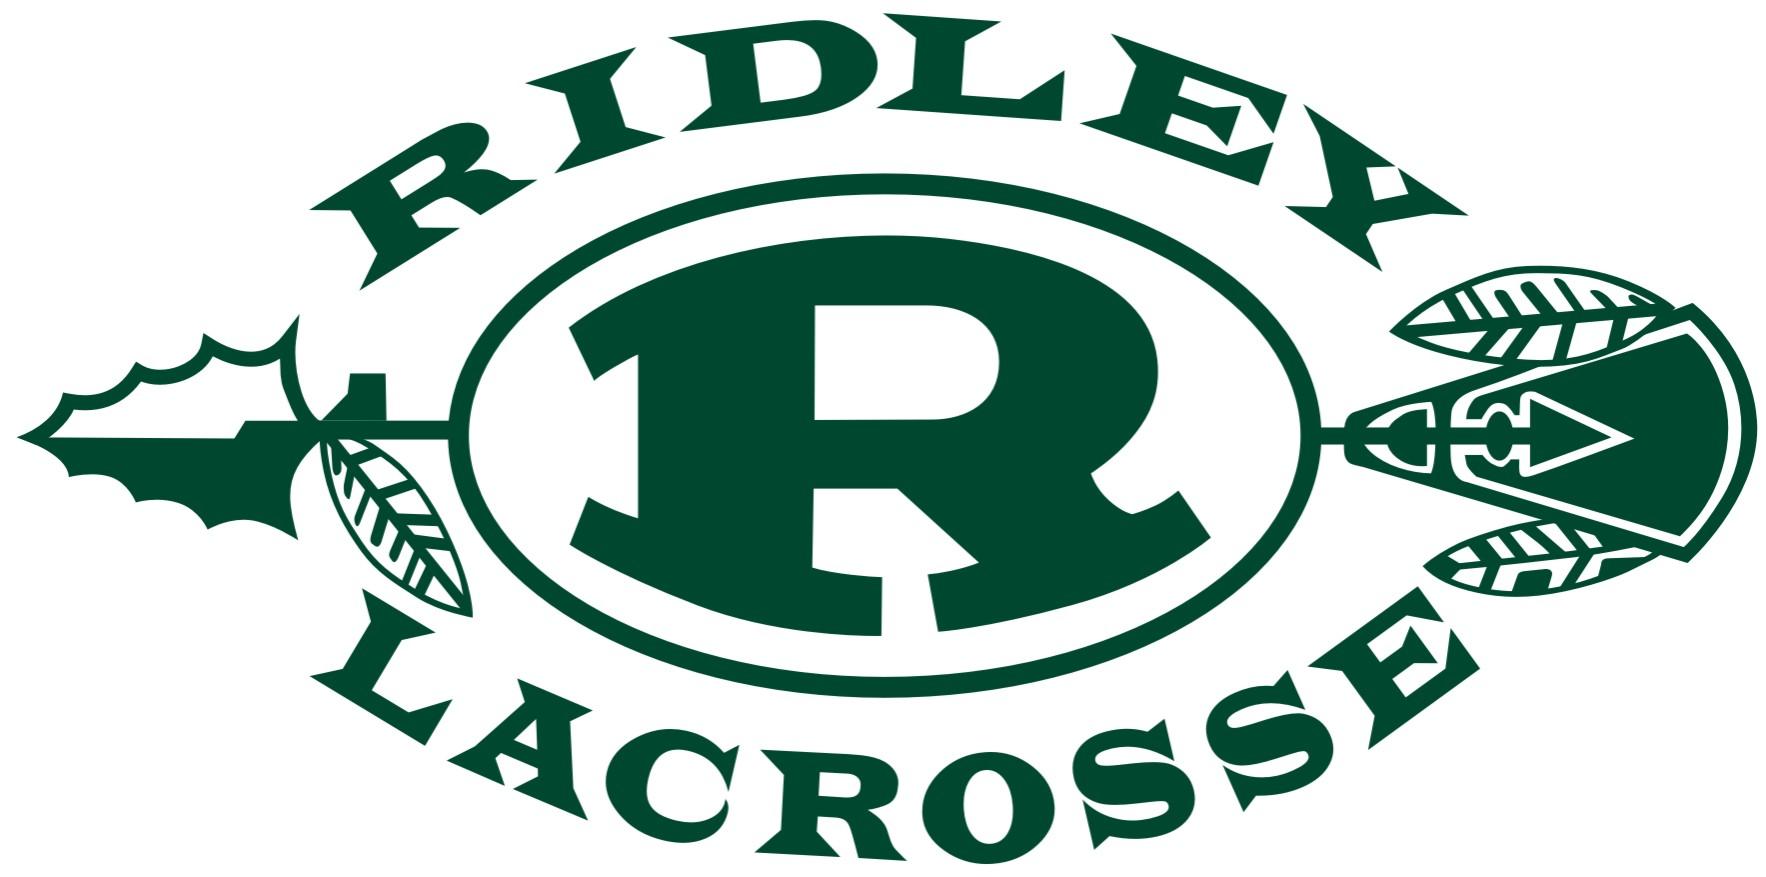 Ridley Lacrosse Logo - Green Letters